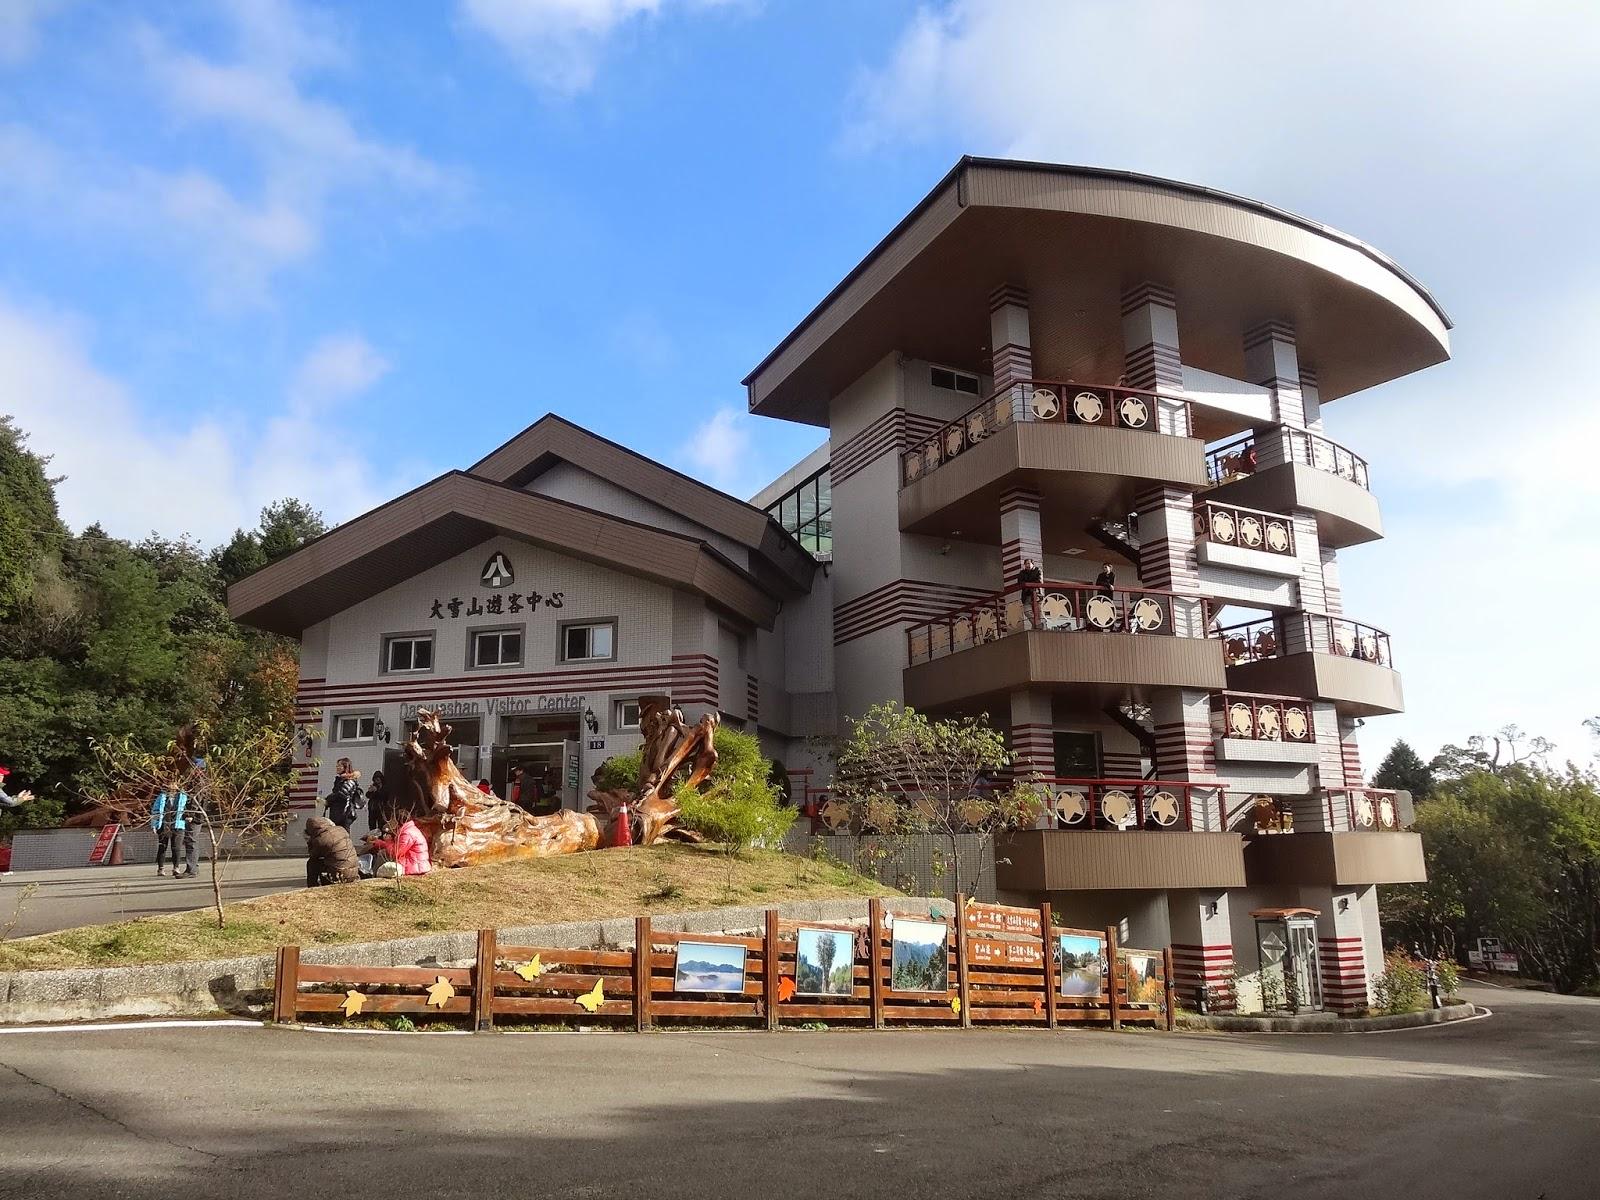 卓光華部落格: 大雪山國家森林遊樂區遊客中心展示漂流木‧木雕情